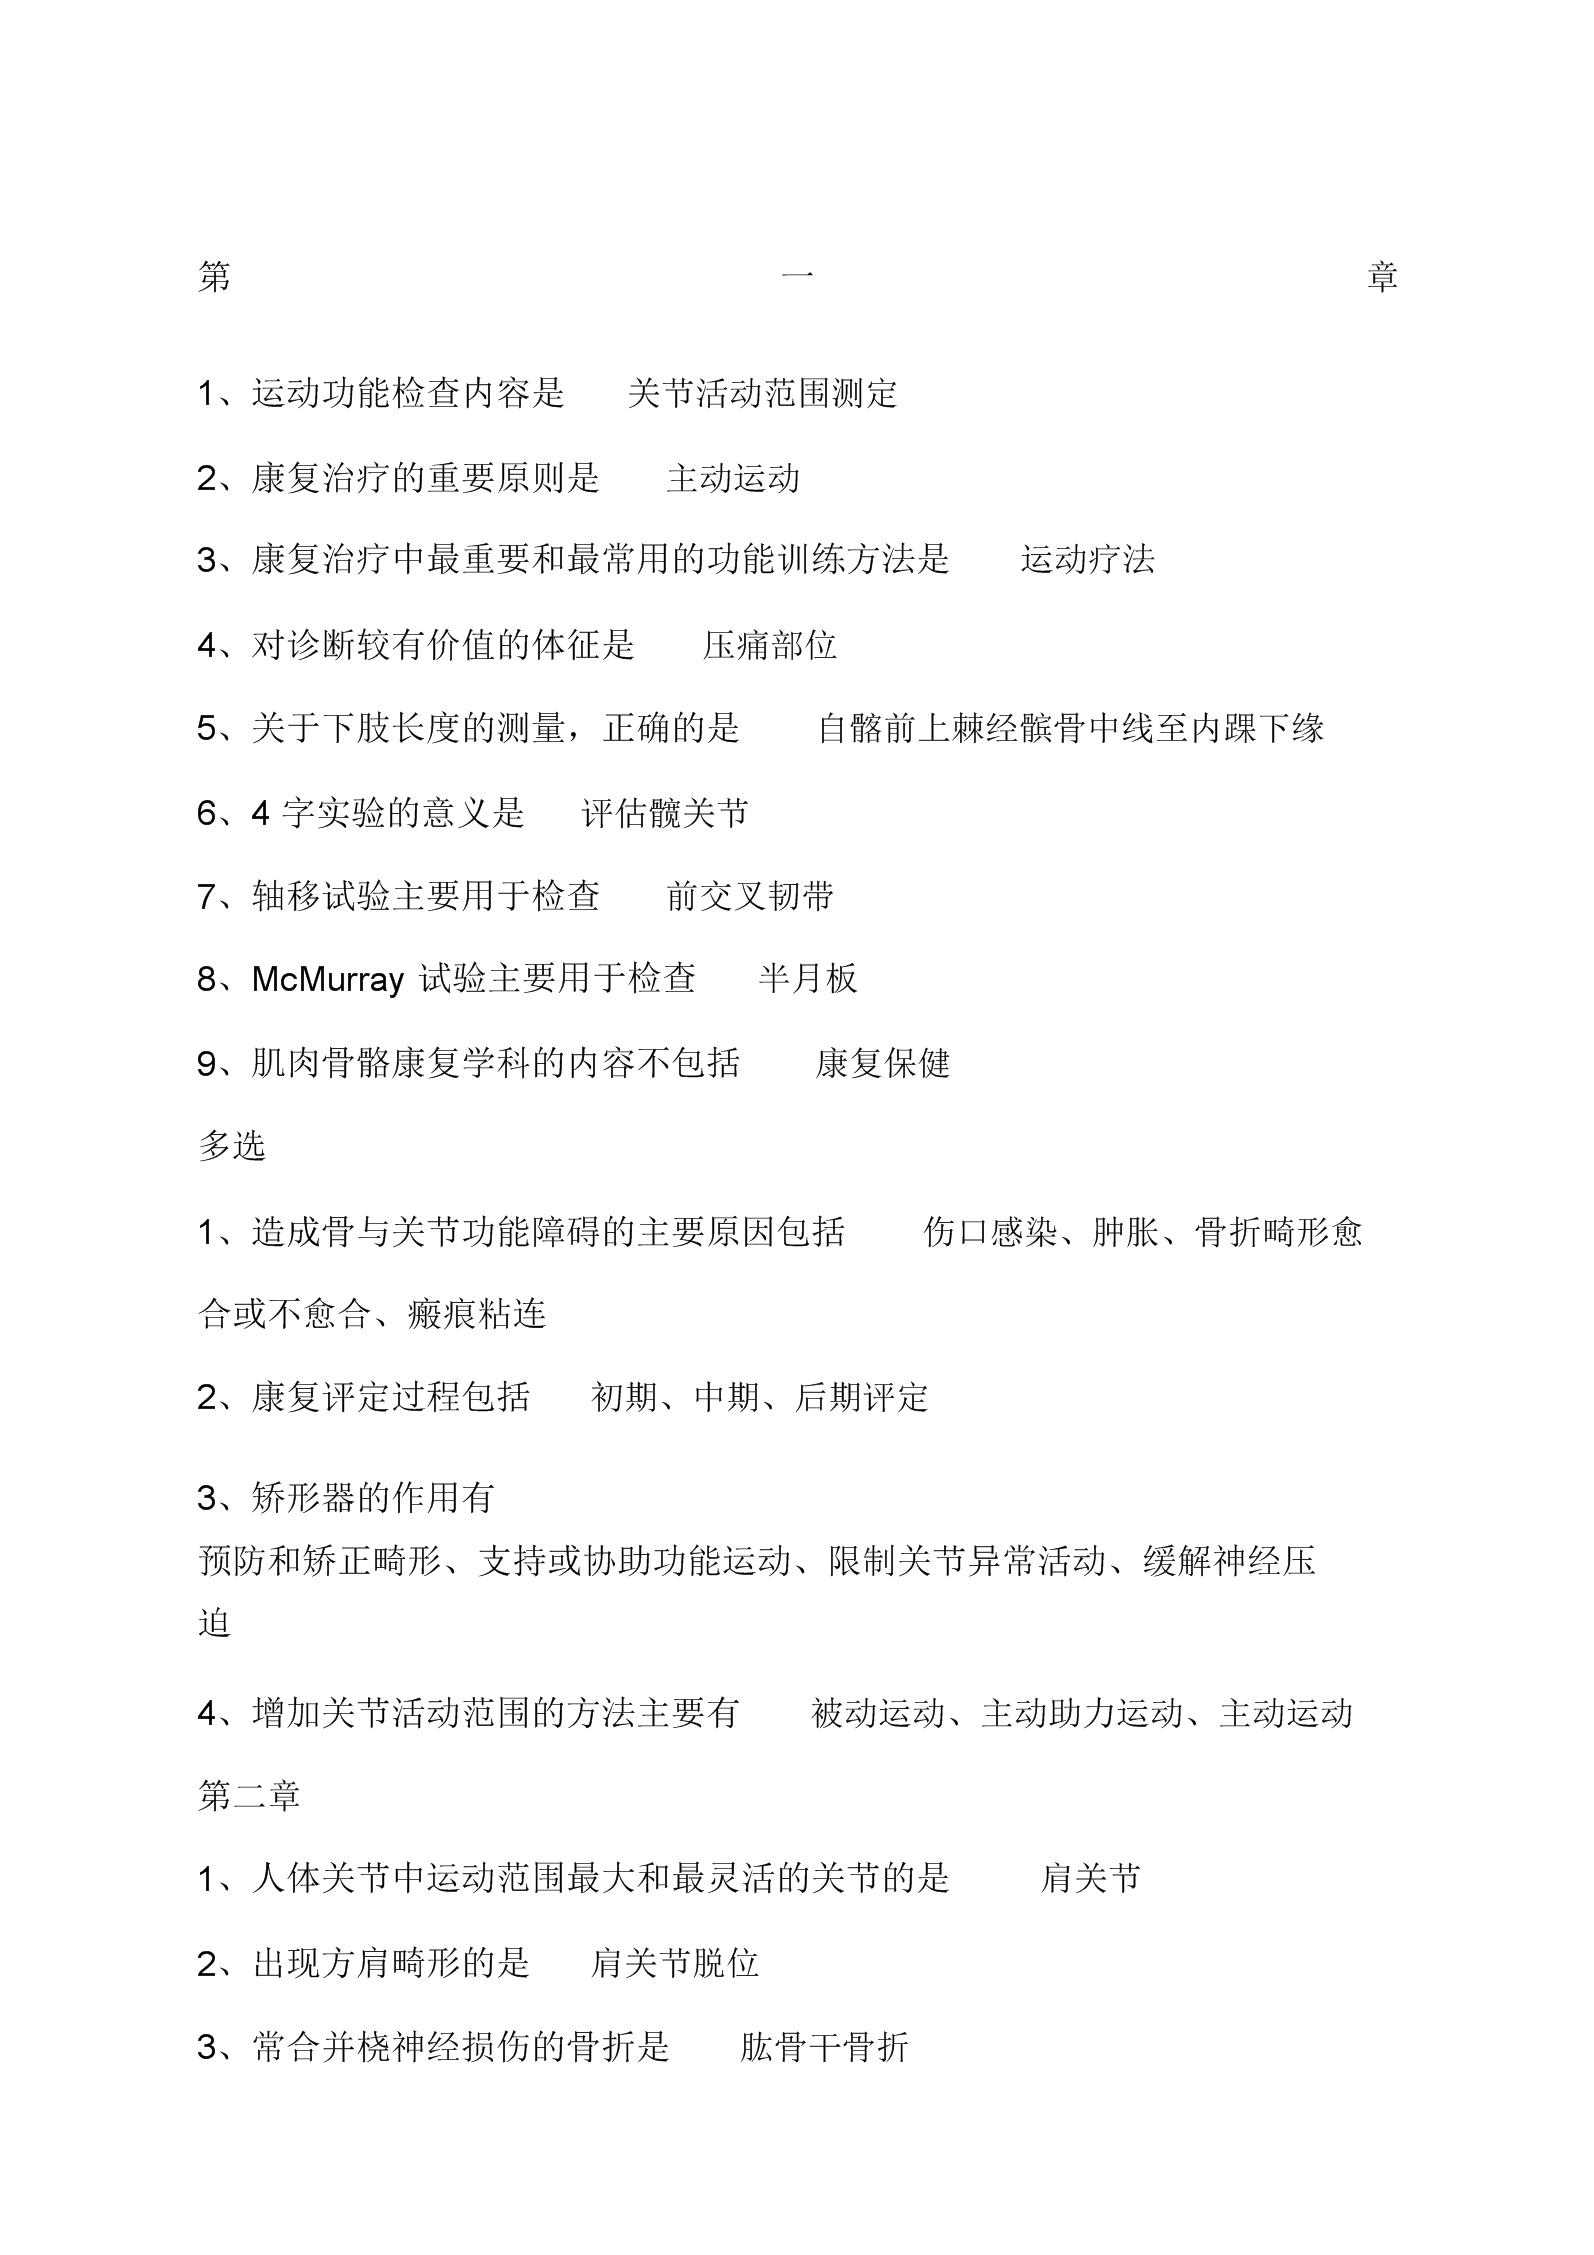 肌肉骨骼康复学习题范文单选.doc